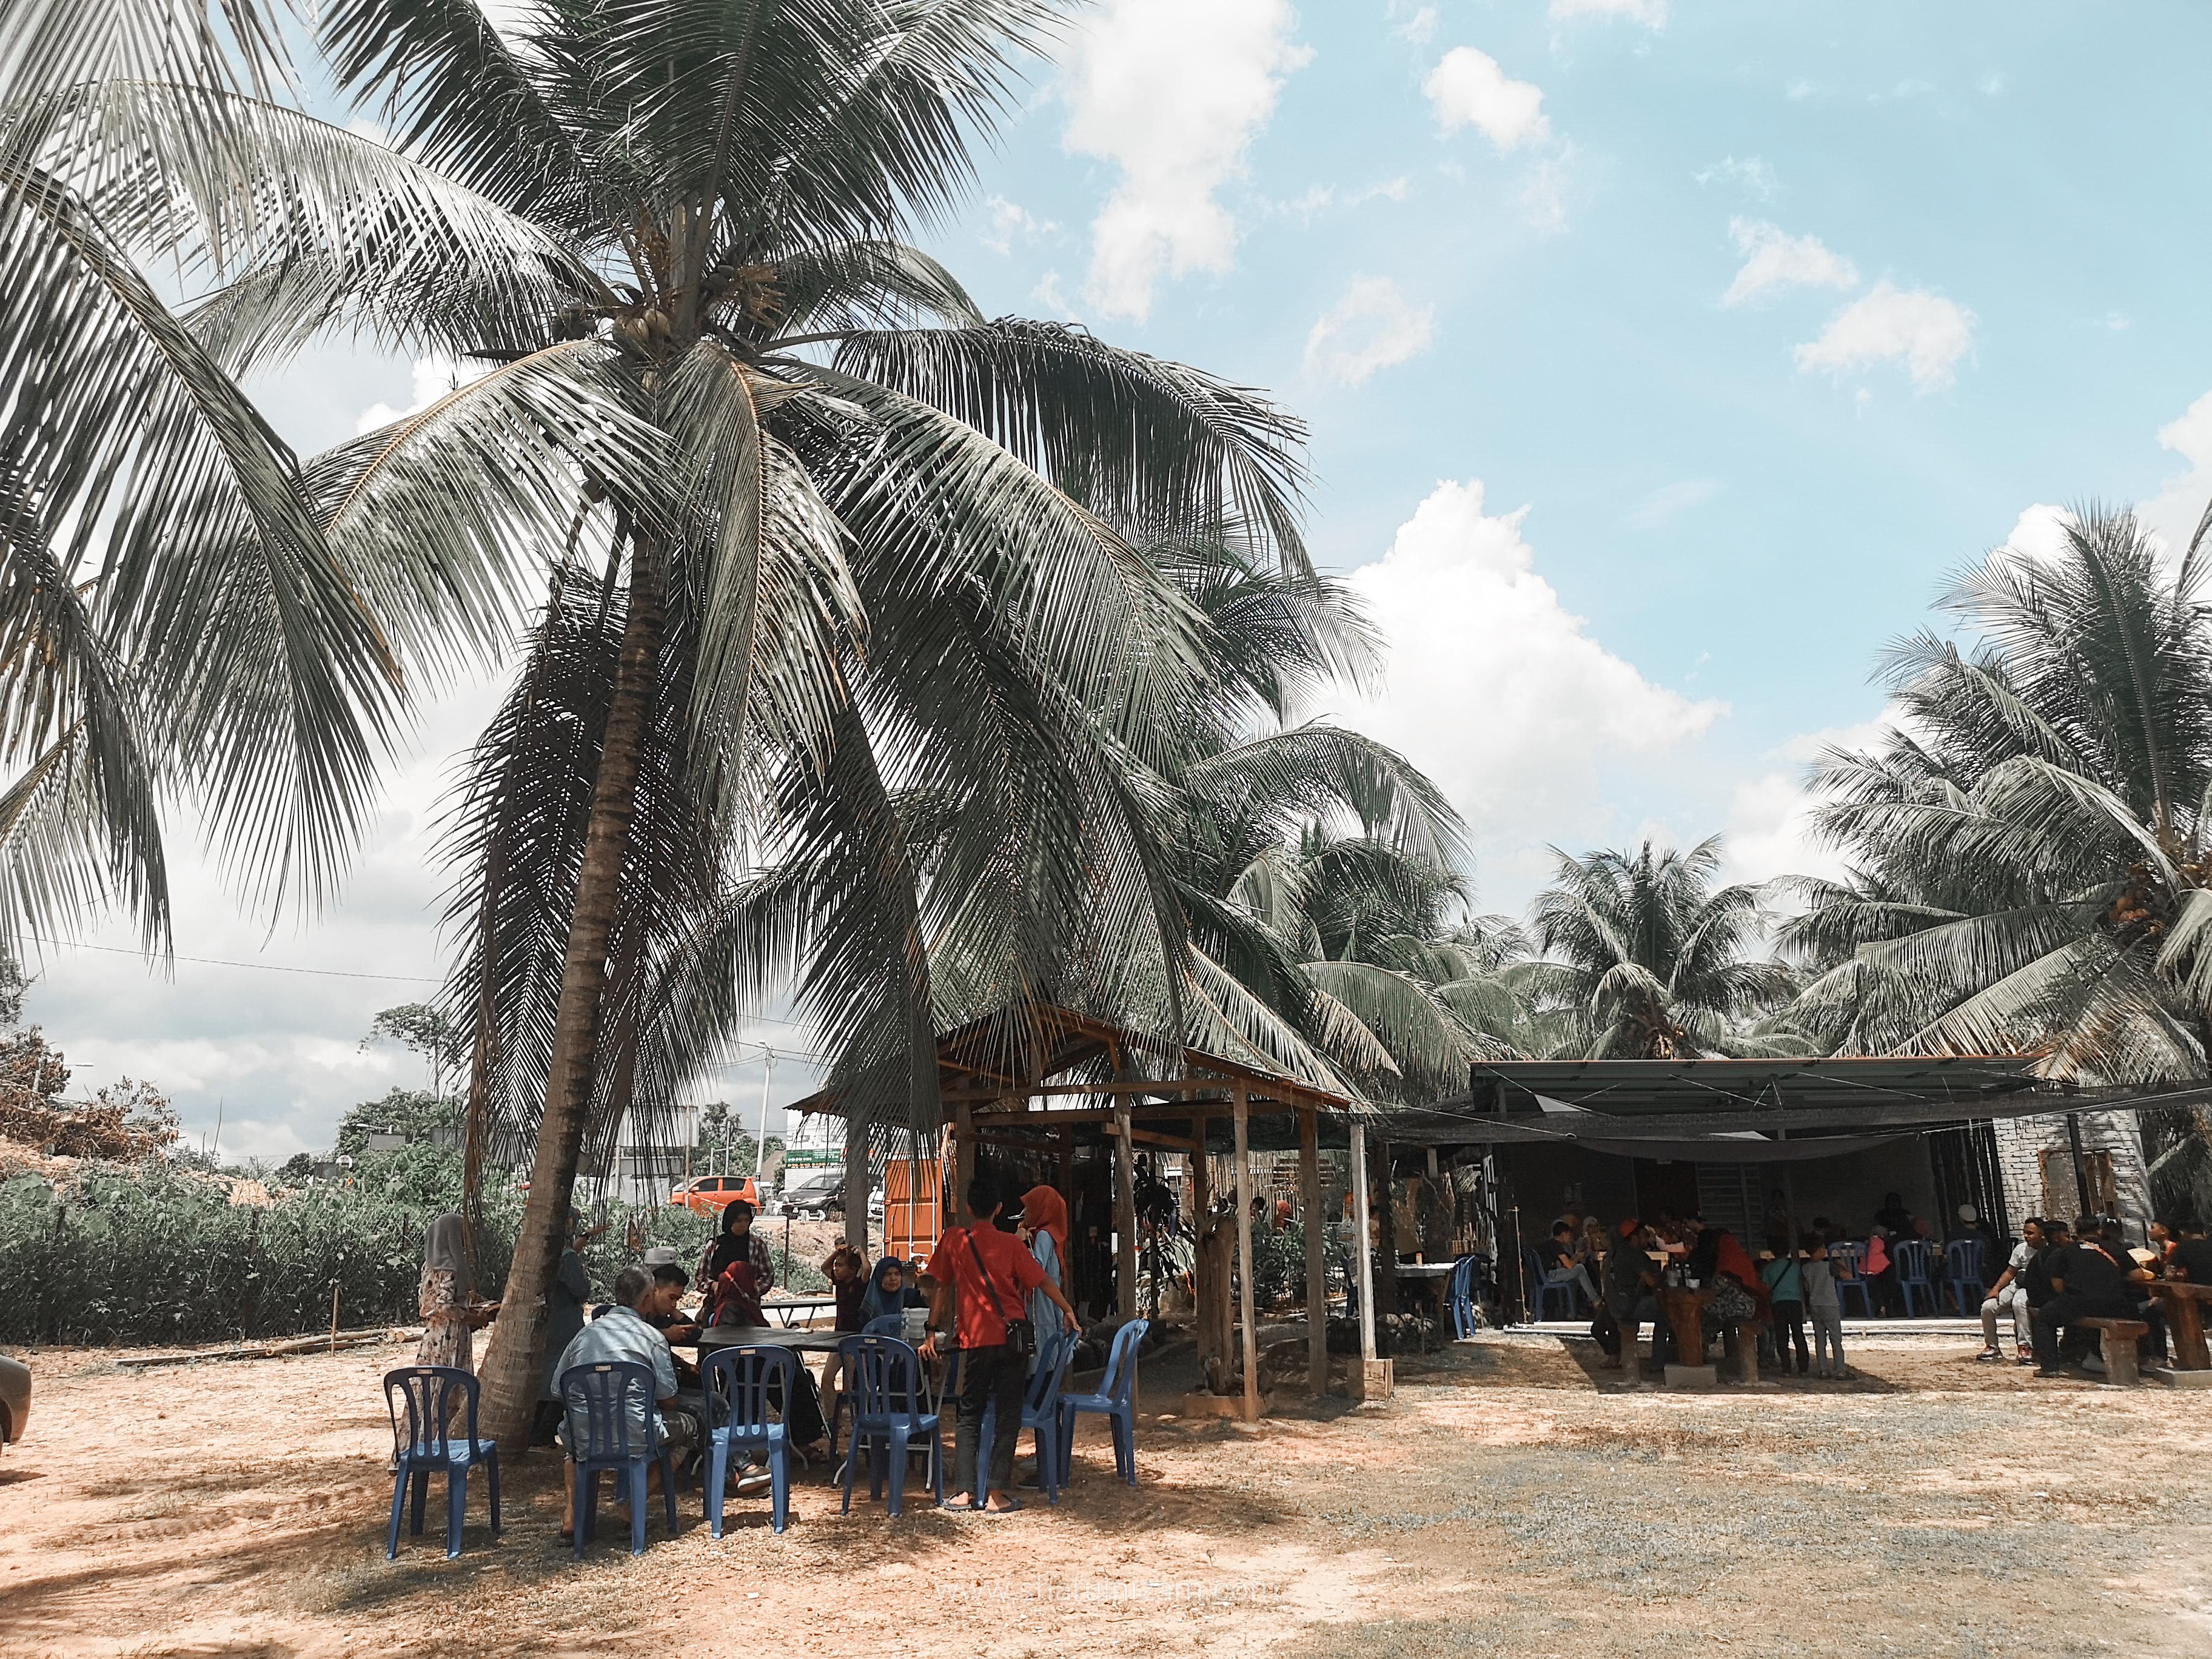 Aiskrim Vanilla Temerloh, Pahang